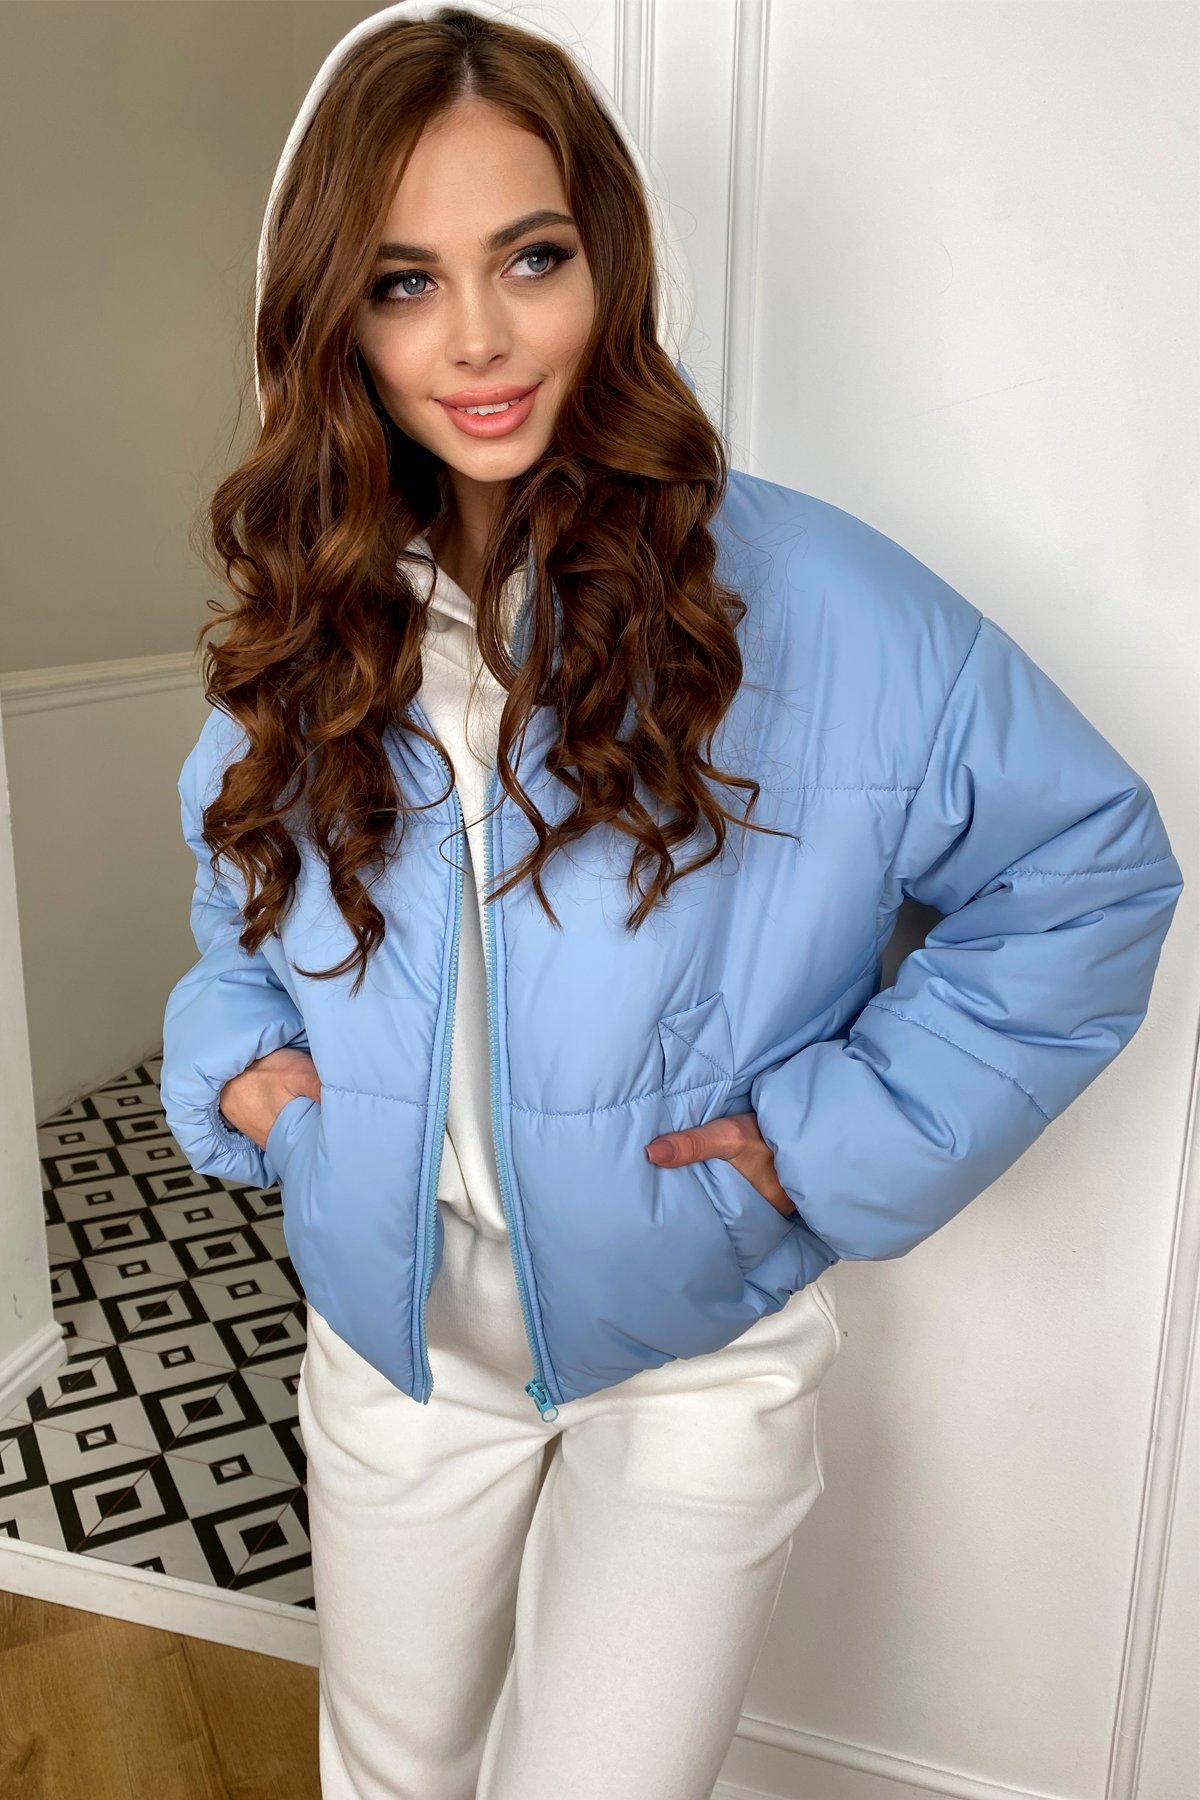 Драйв куртка из плащевой ткани 10448 АРТ. 46774 Цвет: Голубой - фото 5, интернет магазин tm-modus.ru